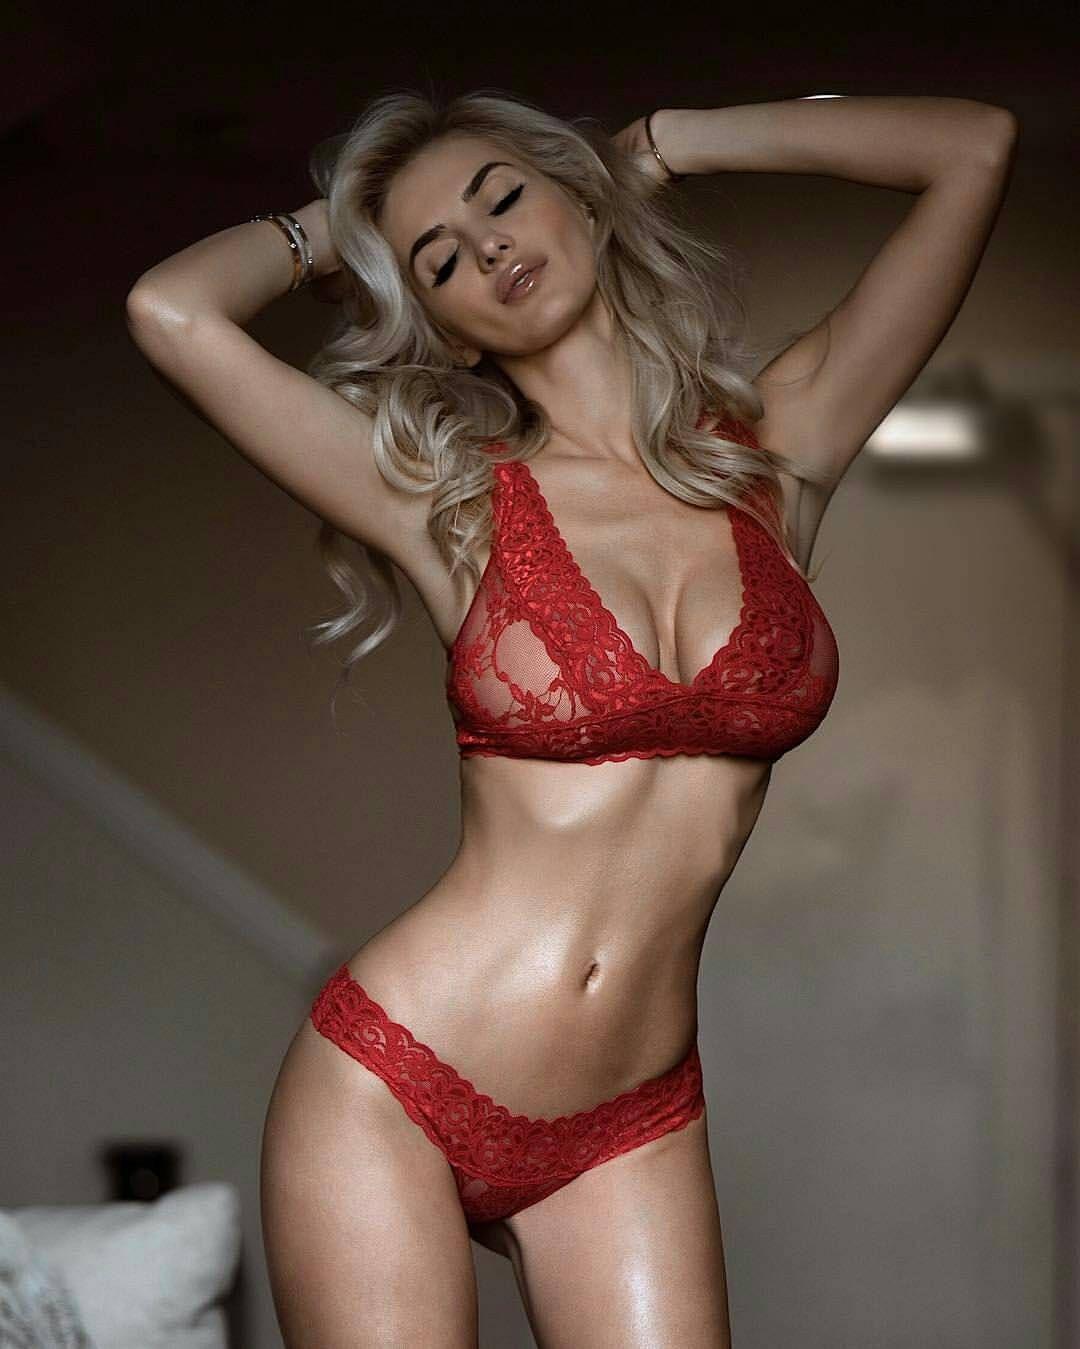 Model @leannabartlett - Red velvet Photo @dreamstatelive @yandy ...